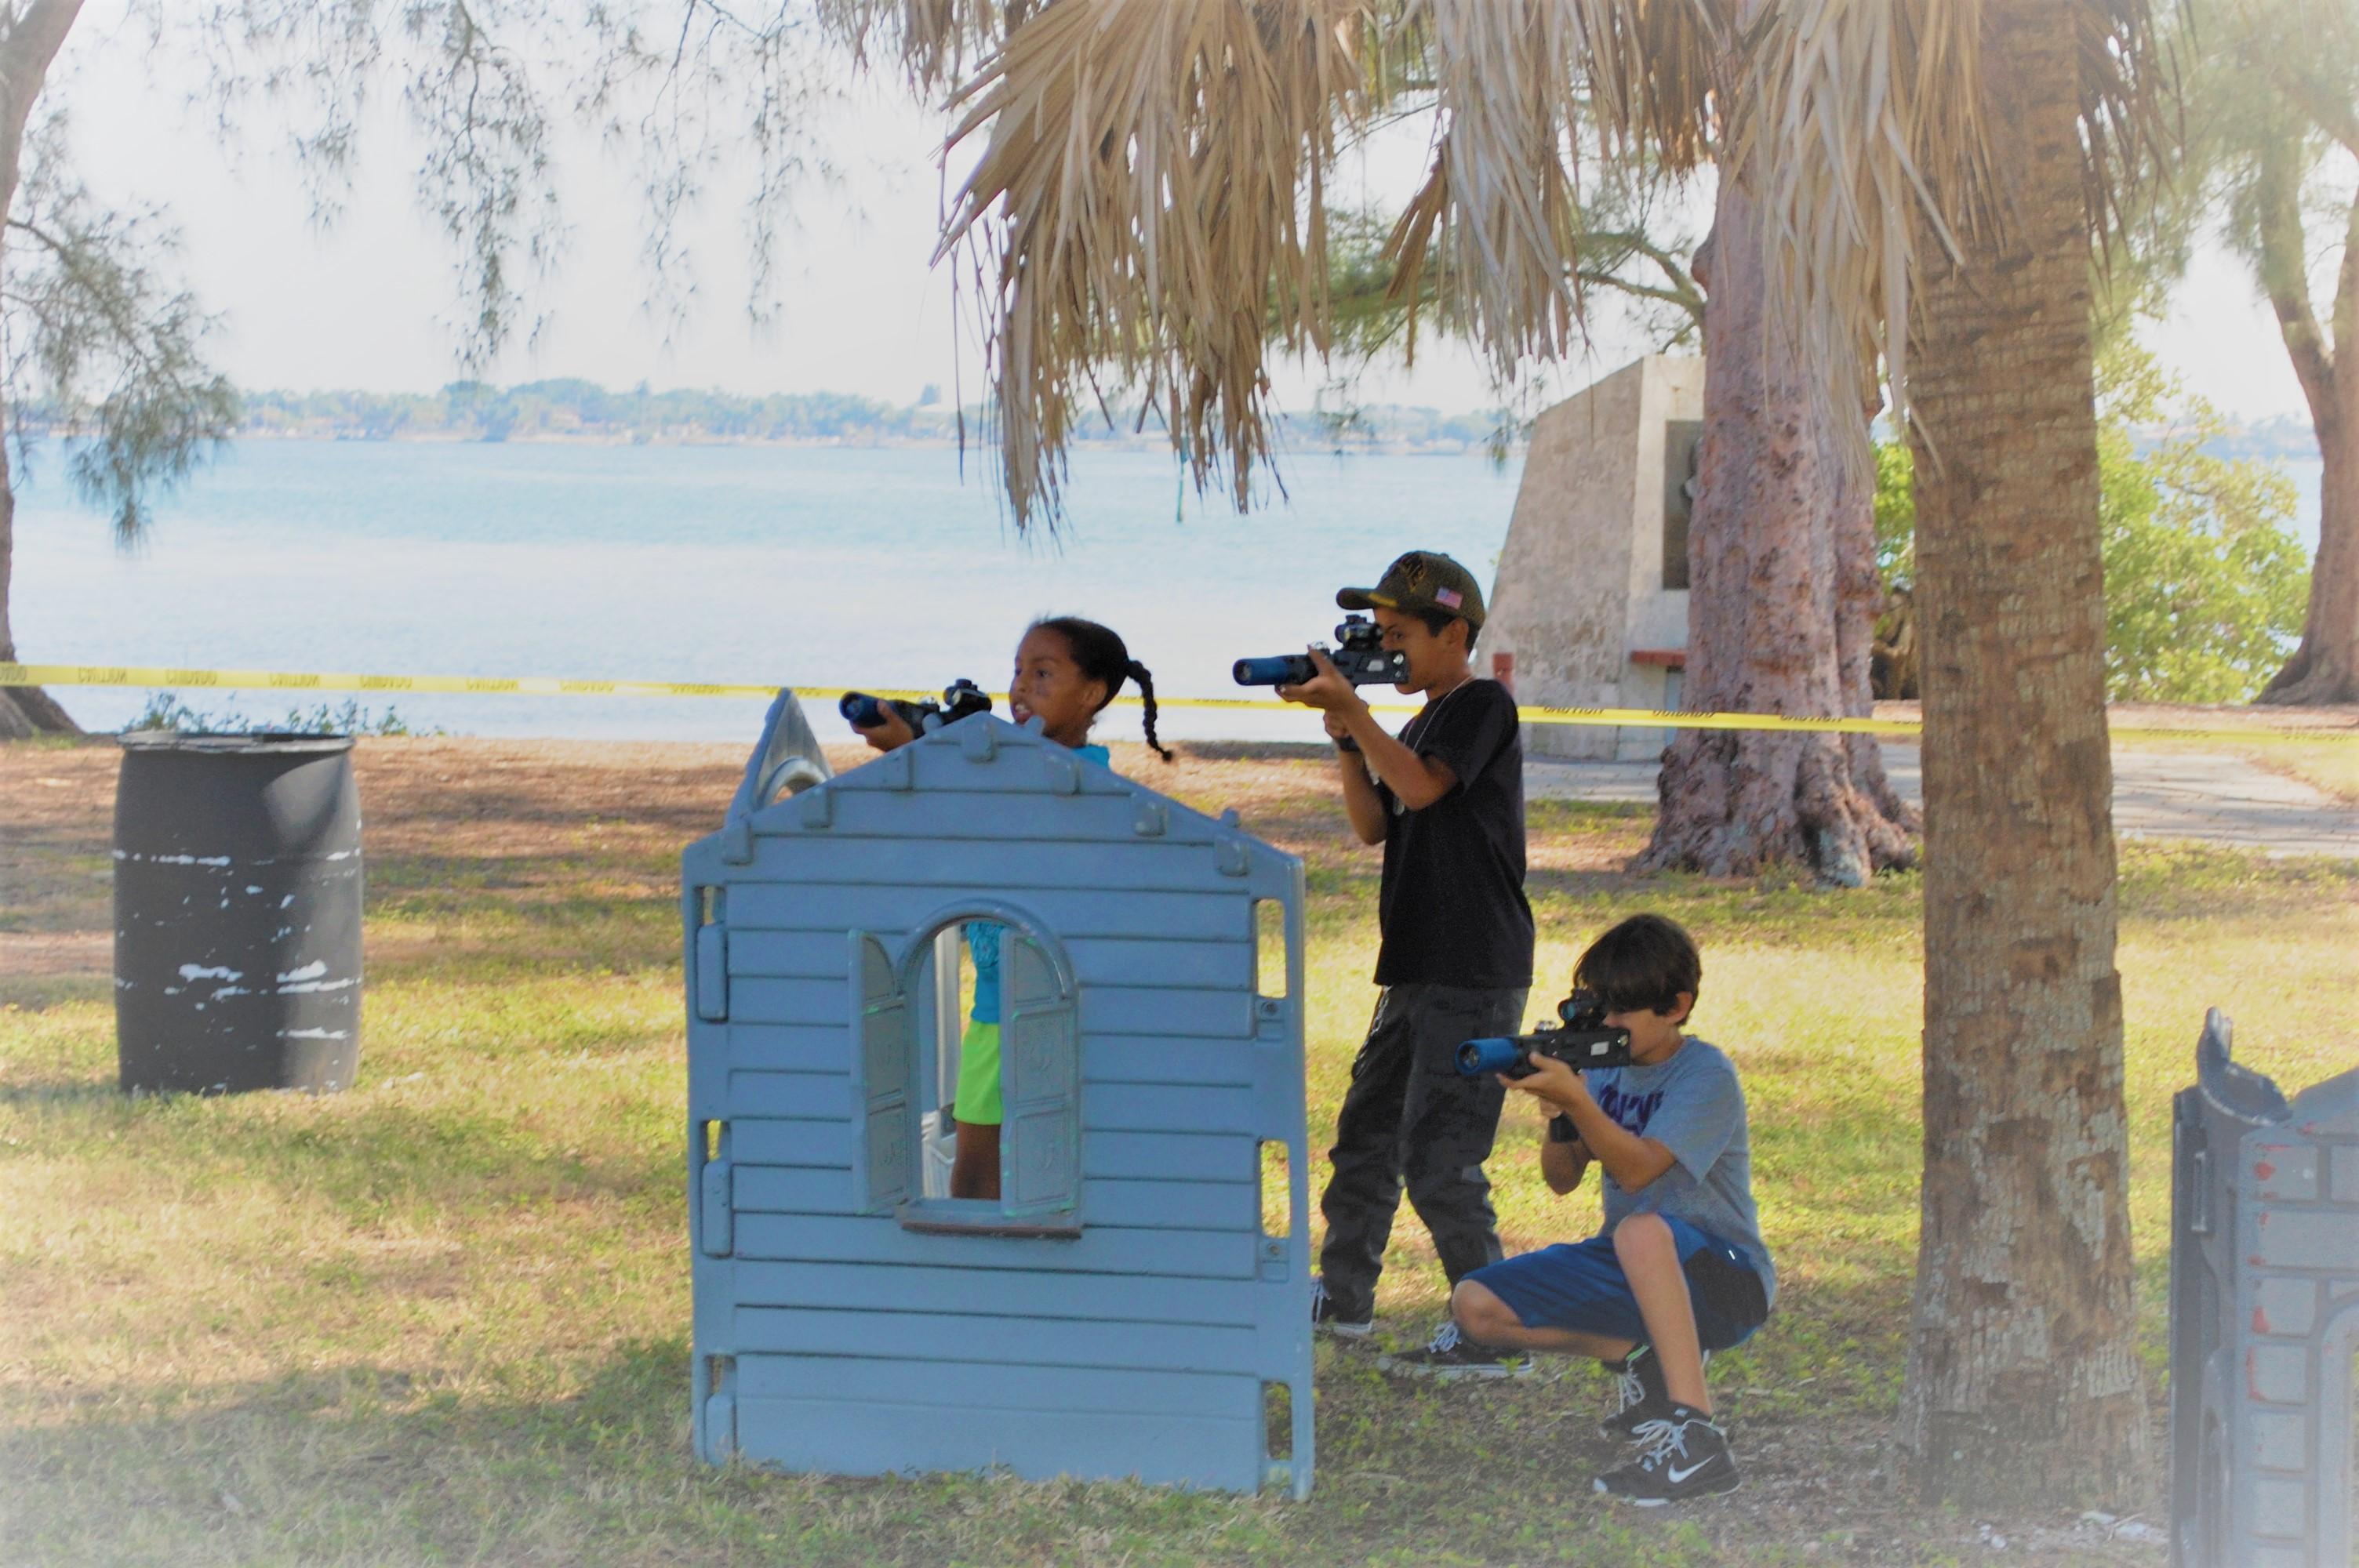 Mobile Laser Tag Bonita Springs,FL